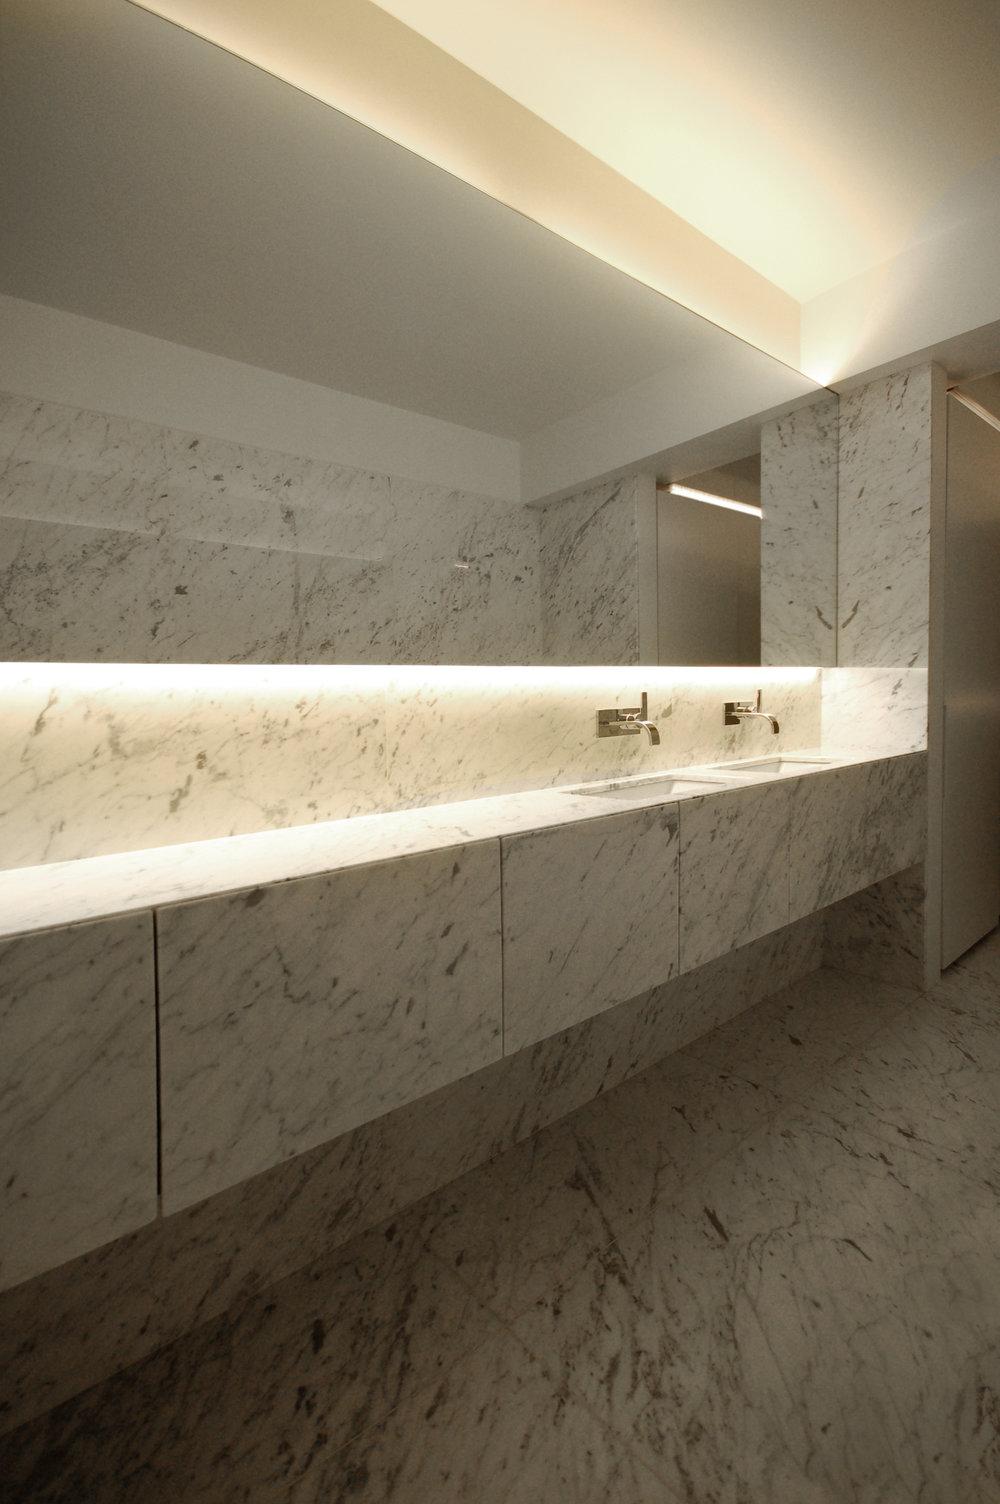 demeestervliegen-architecture-interior-interiorarchitecture-office21.jpg